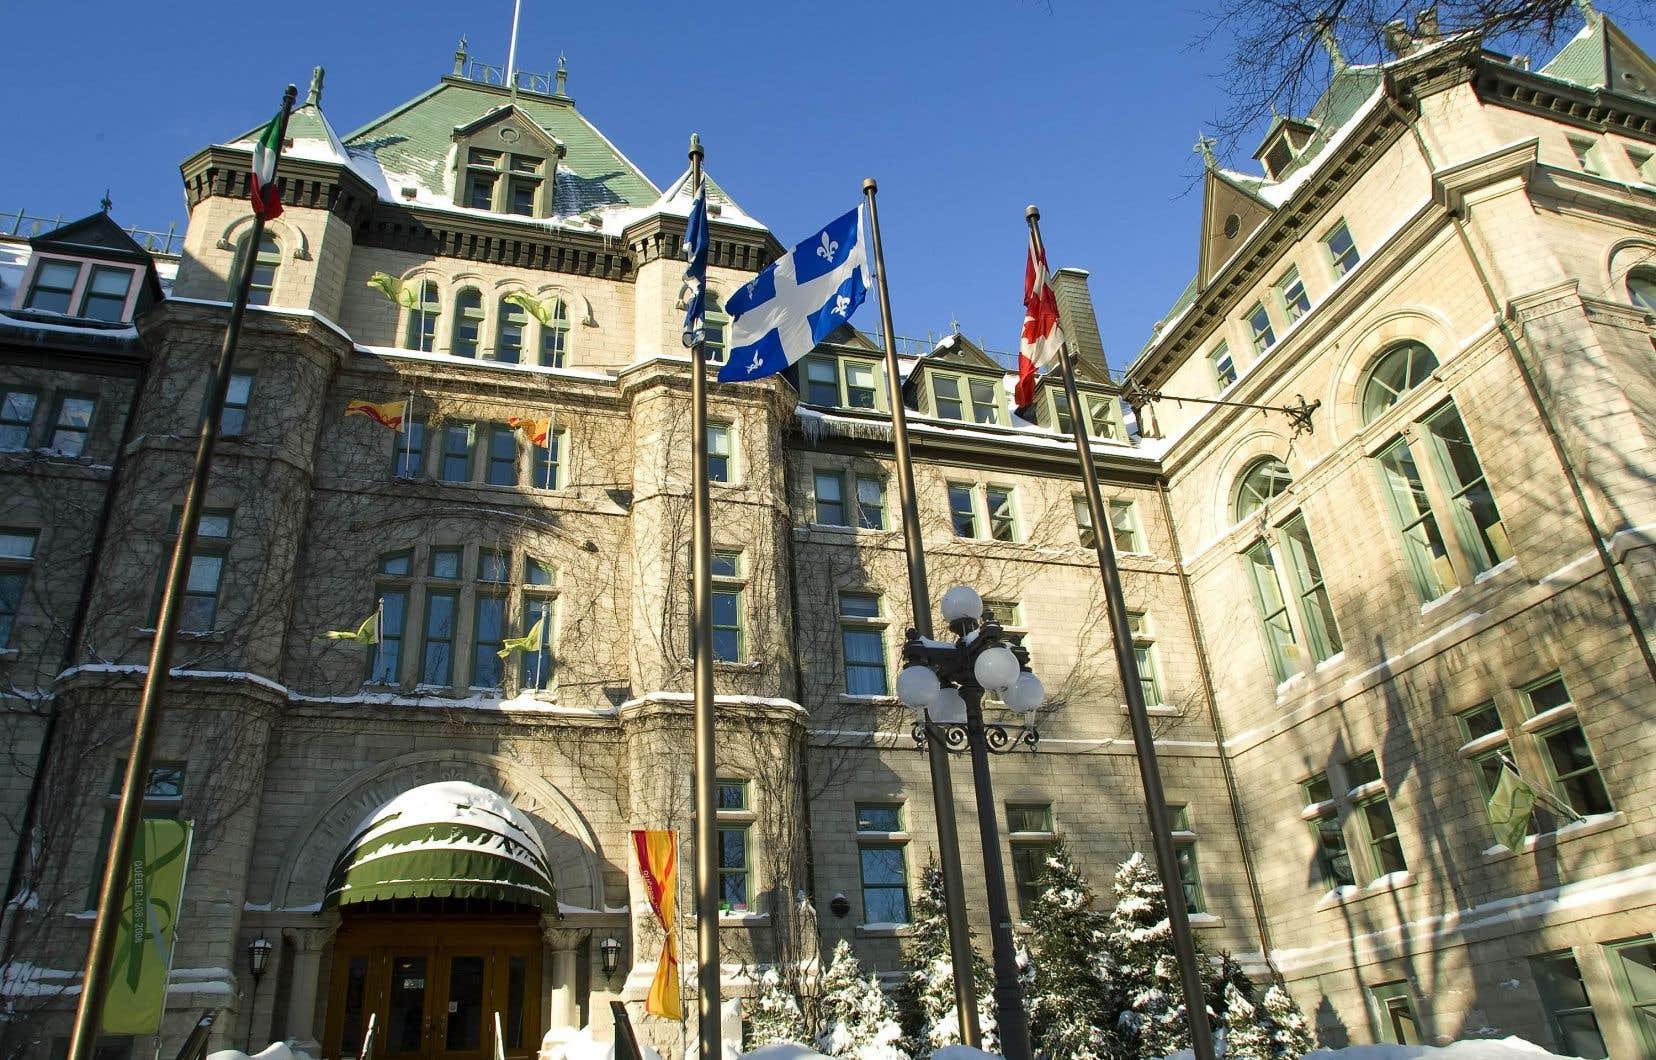 «Côté administratif, ça aurait été un capharnaüm épouvantable», a déclaréle maire de Québec, Régis Labeaume, à propos de l'abolition des référendums municipaux.